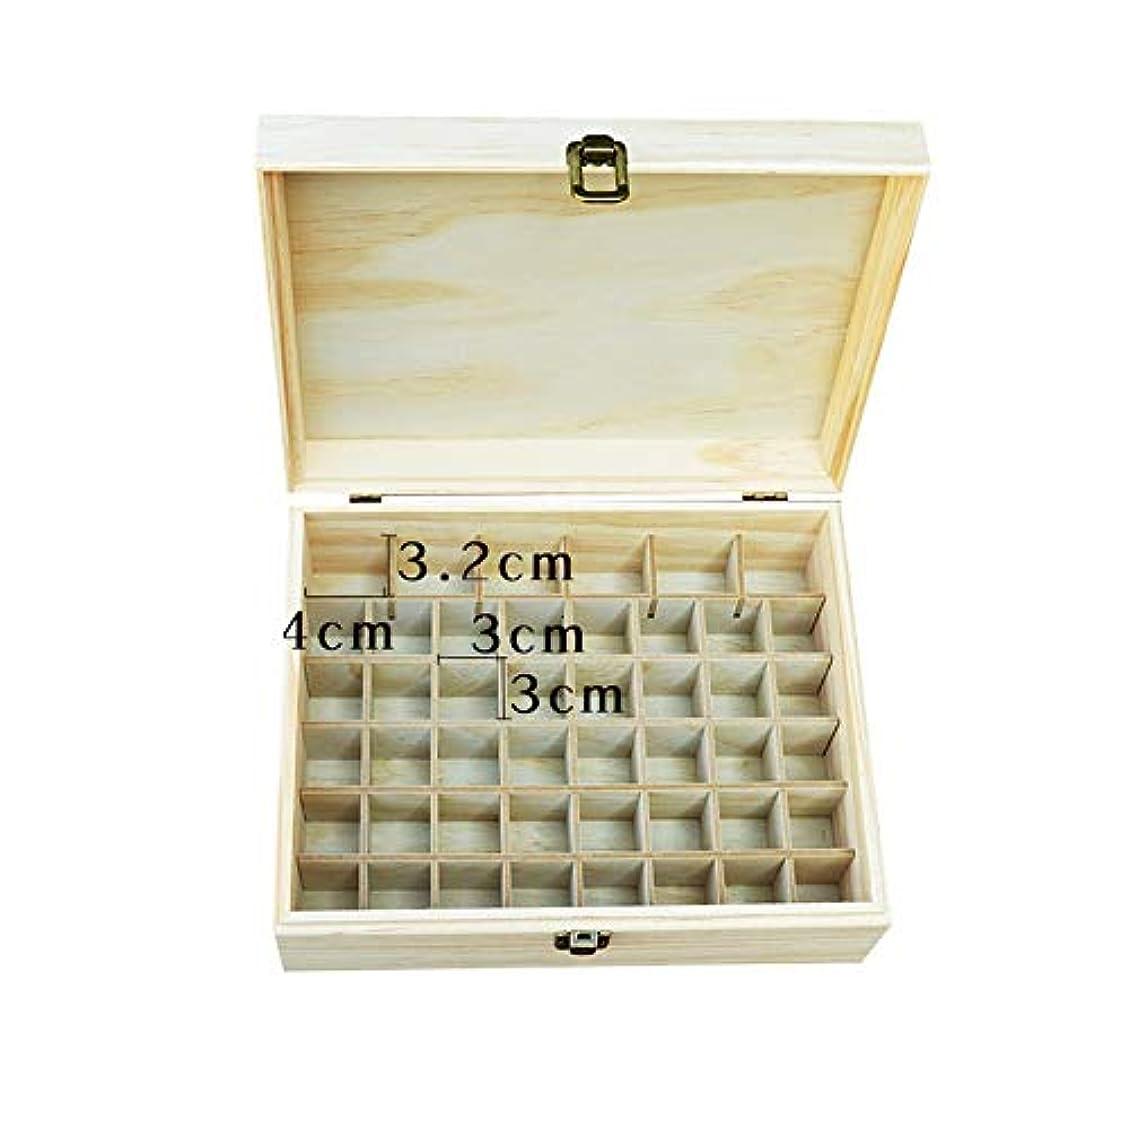 囲むマーカージャズエッセンシャルオイルストレージボックス 大46ボトル木製のエッセンシャルオイルストレージボックスを 旅行およびプレゼンテーション用 (色 : Natural, サイズ : 22.2X10.2X8.2CM)